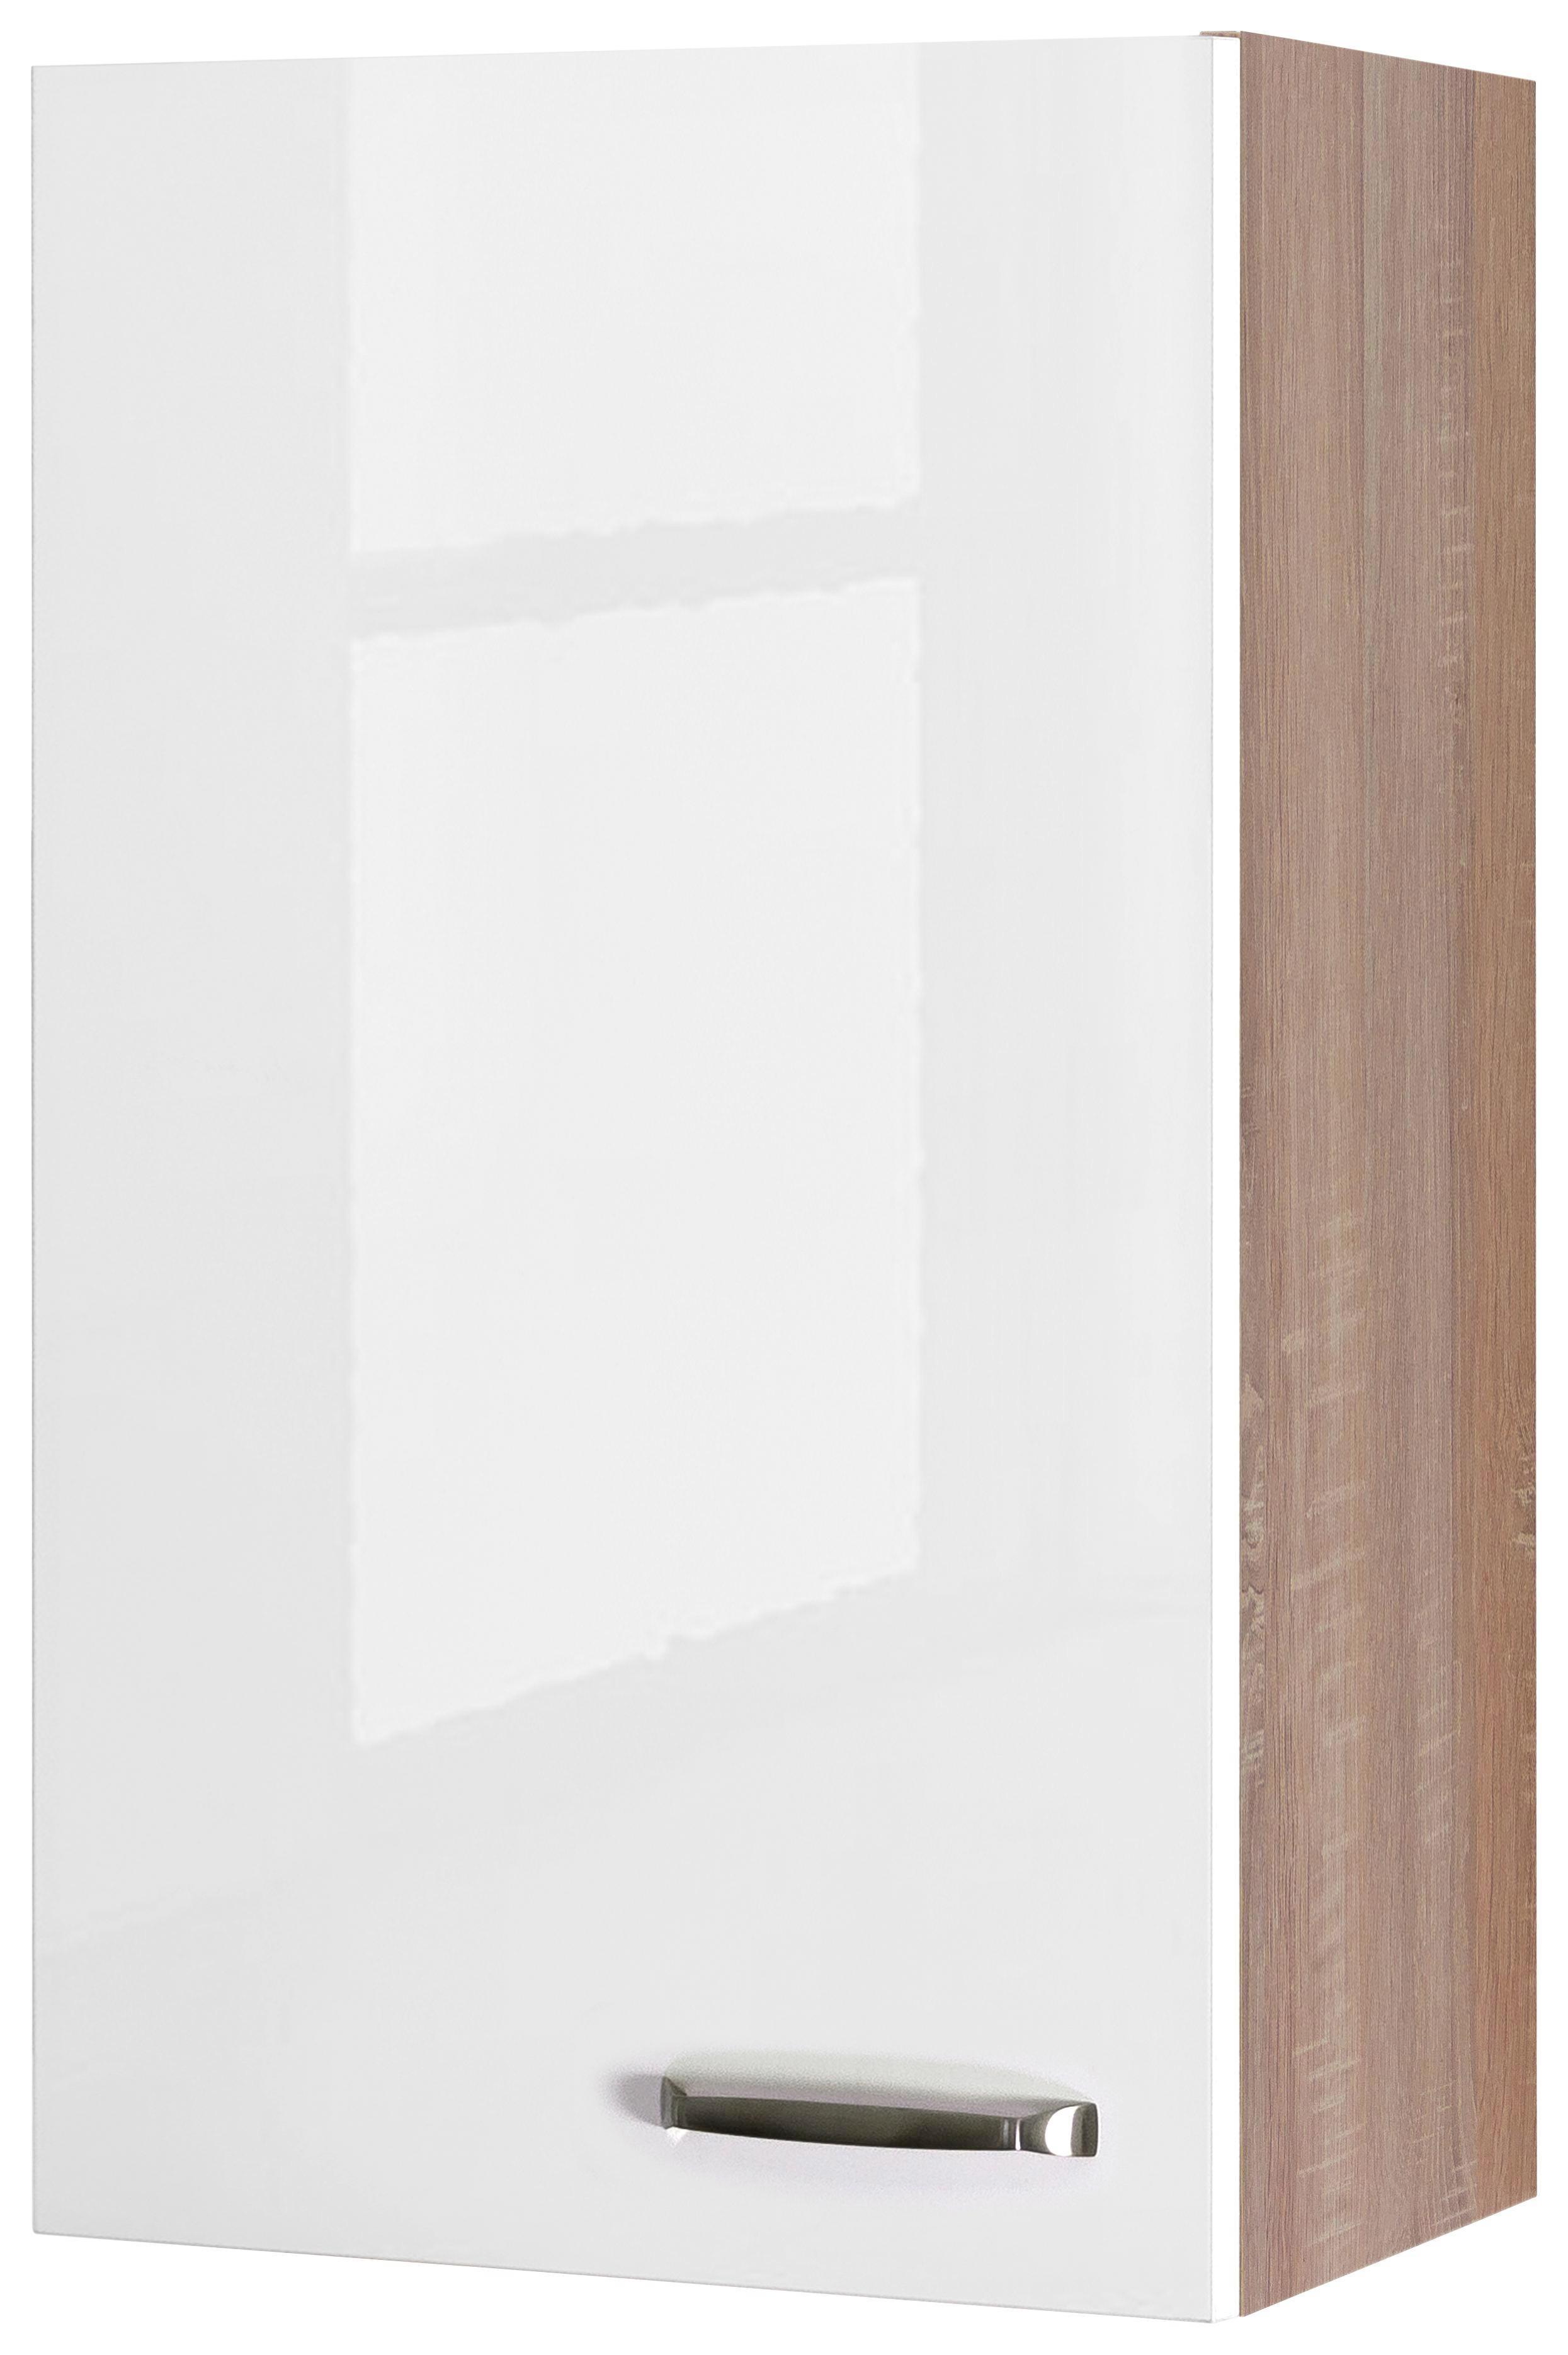 Küchenoberschrank Weiß Hochglanz/eiche - Edelstahlfarben/Eichefarben, MODERN, Holzwerkstoff/Metall (50/89/32cm)